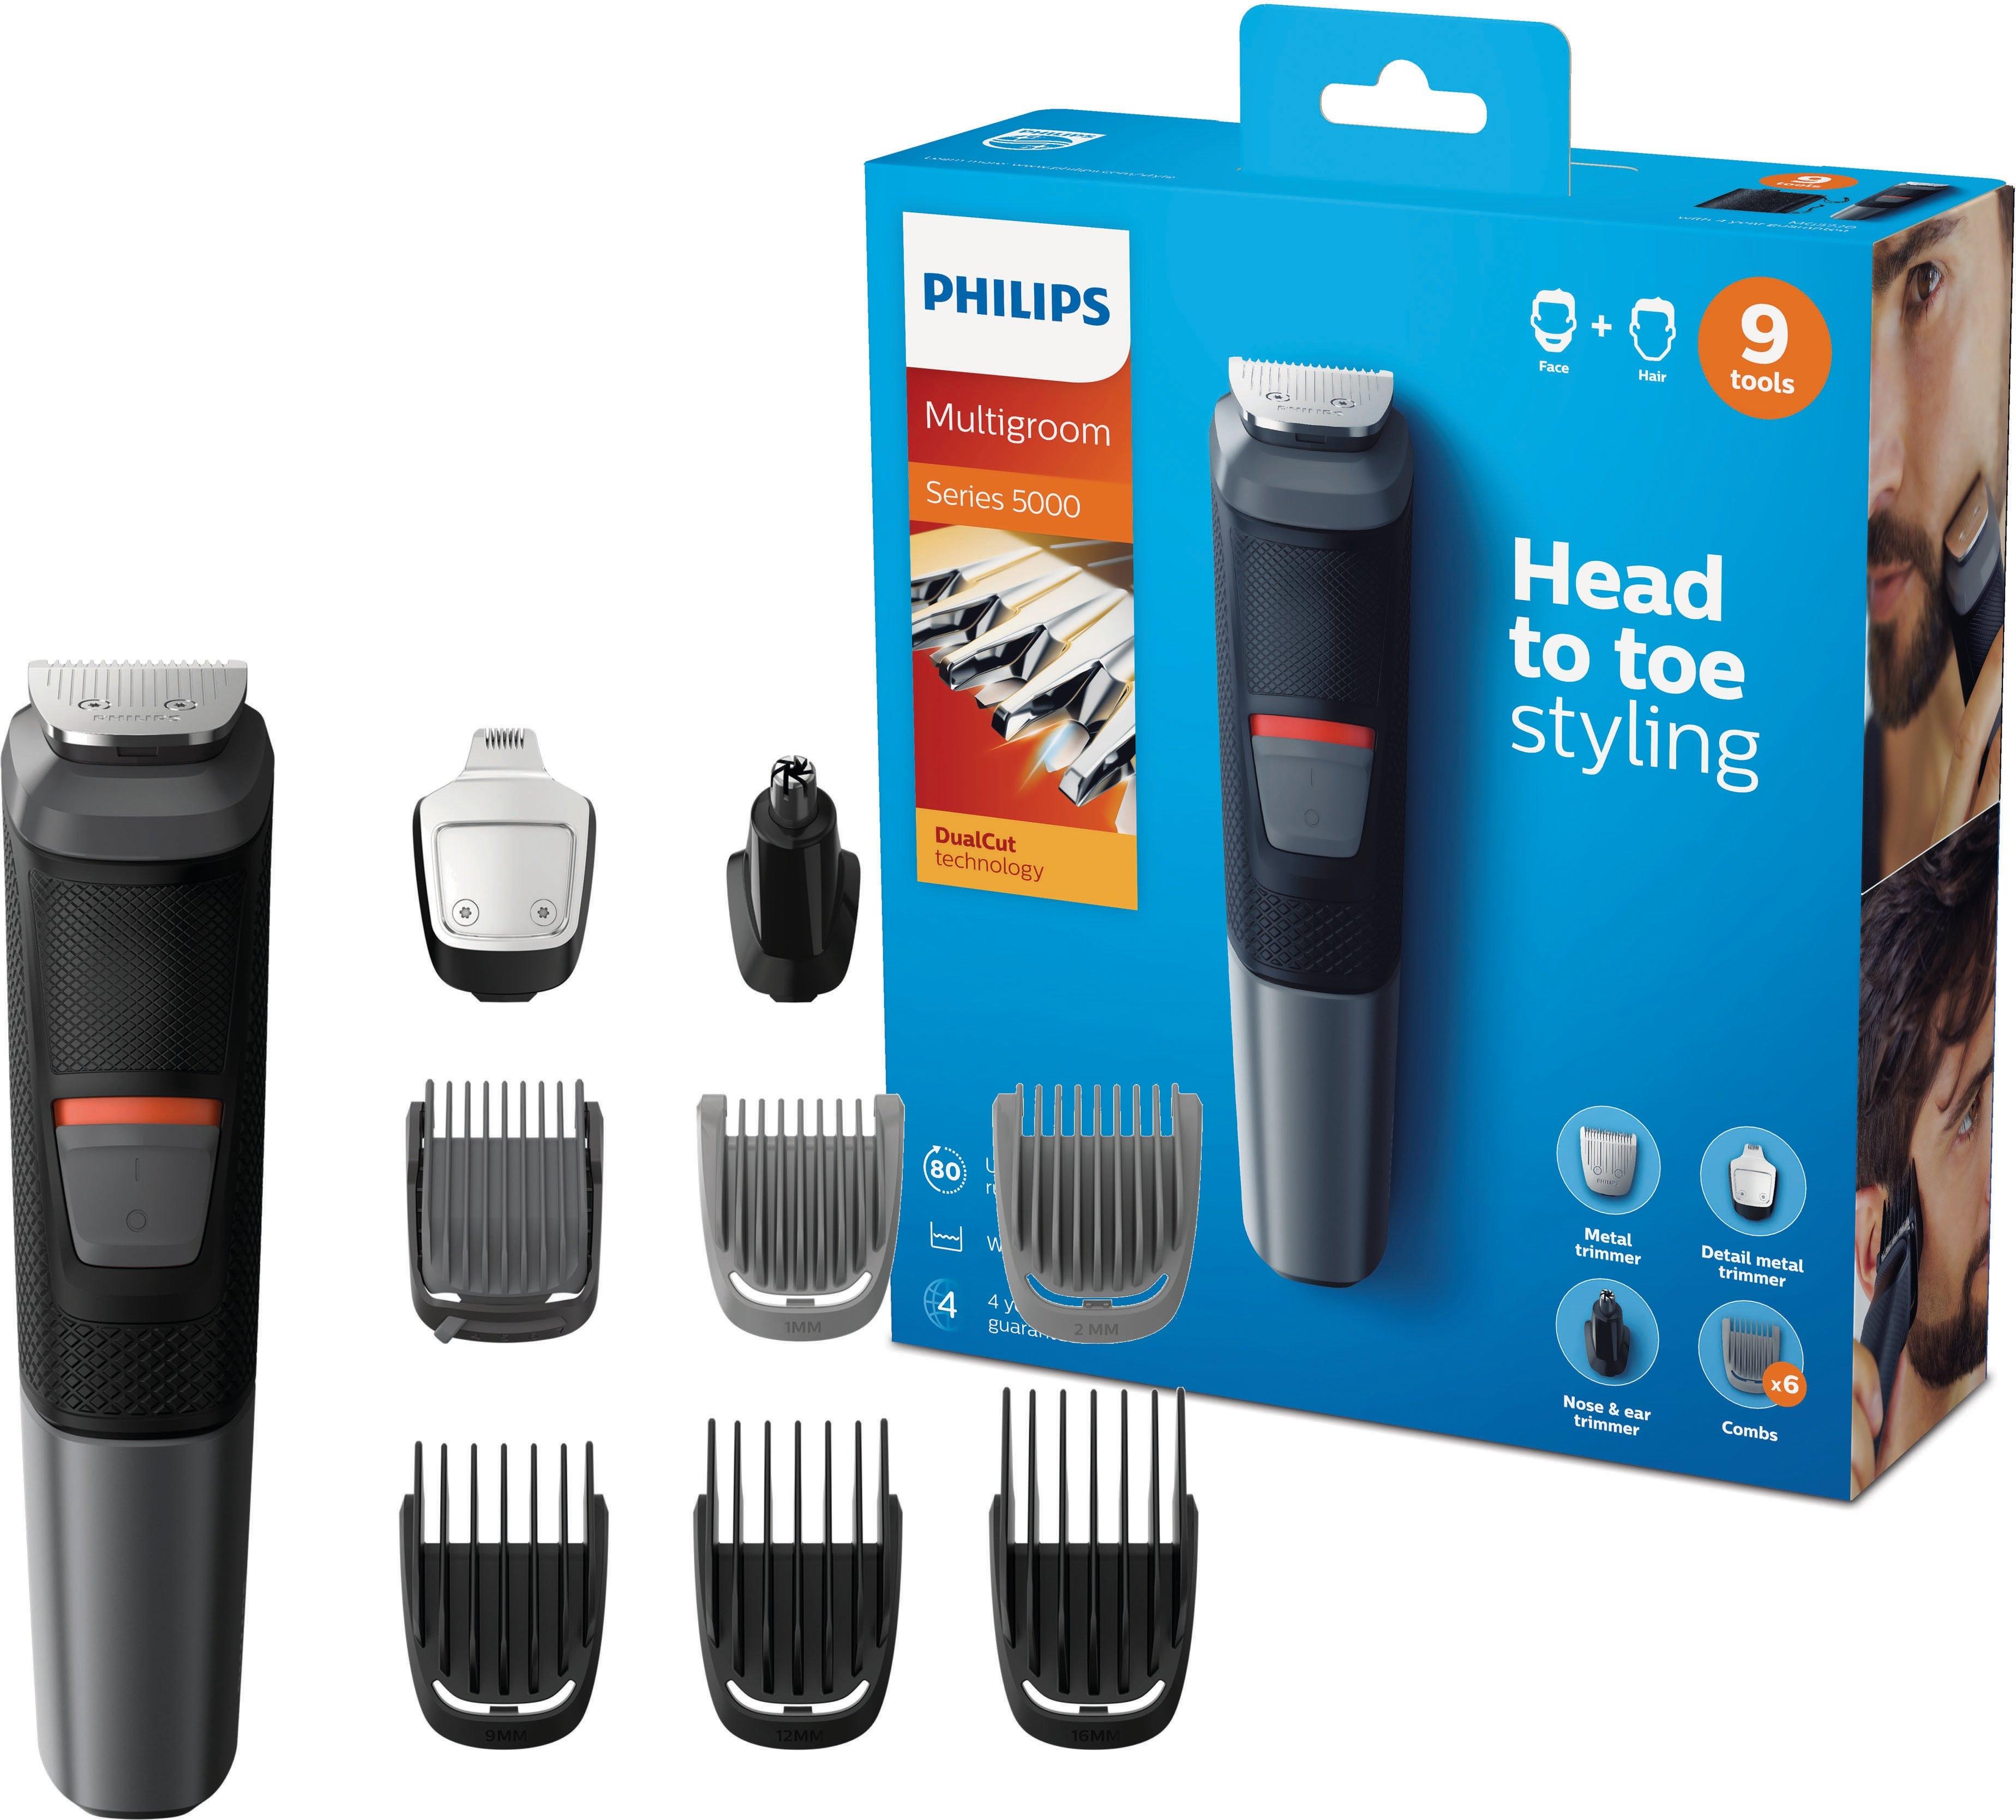 Philips multifunctionele trimmer Series 5000 MG5720/15 (set) bestellen: 30 dagen bedenktijd